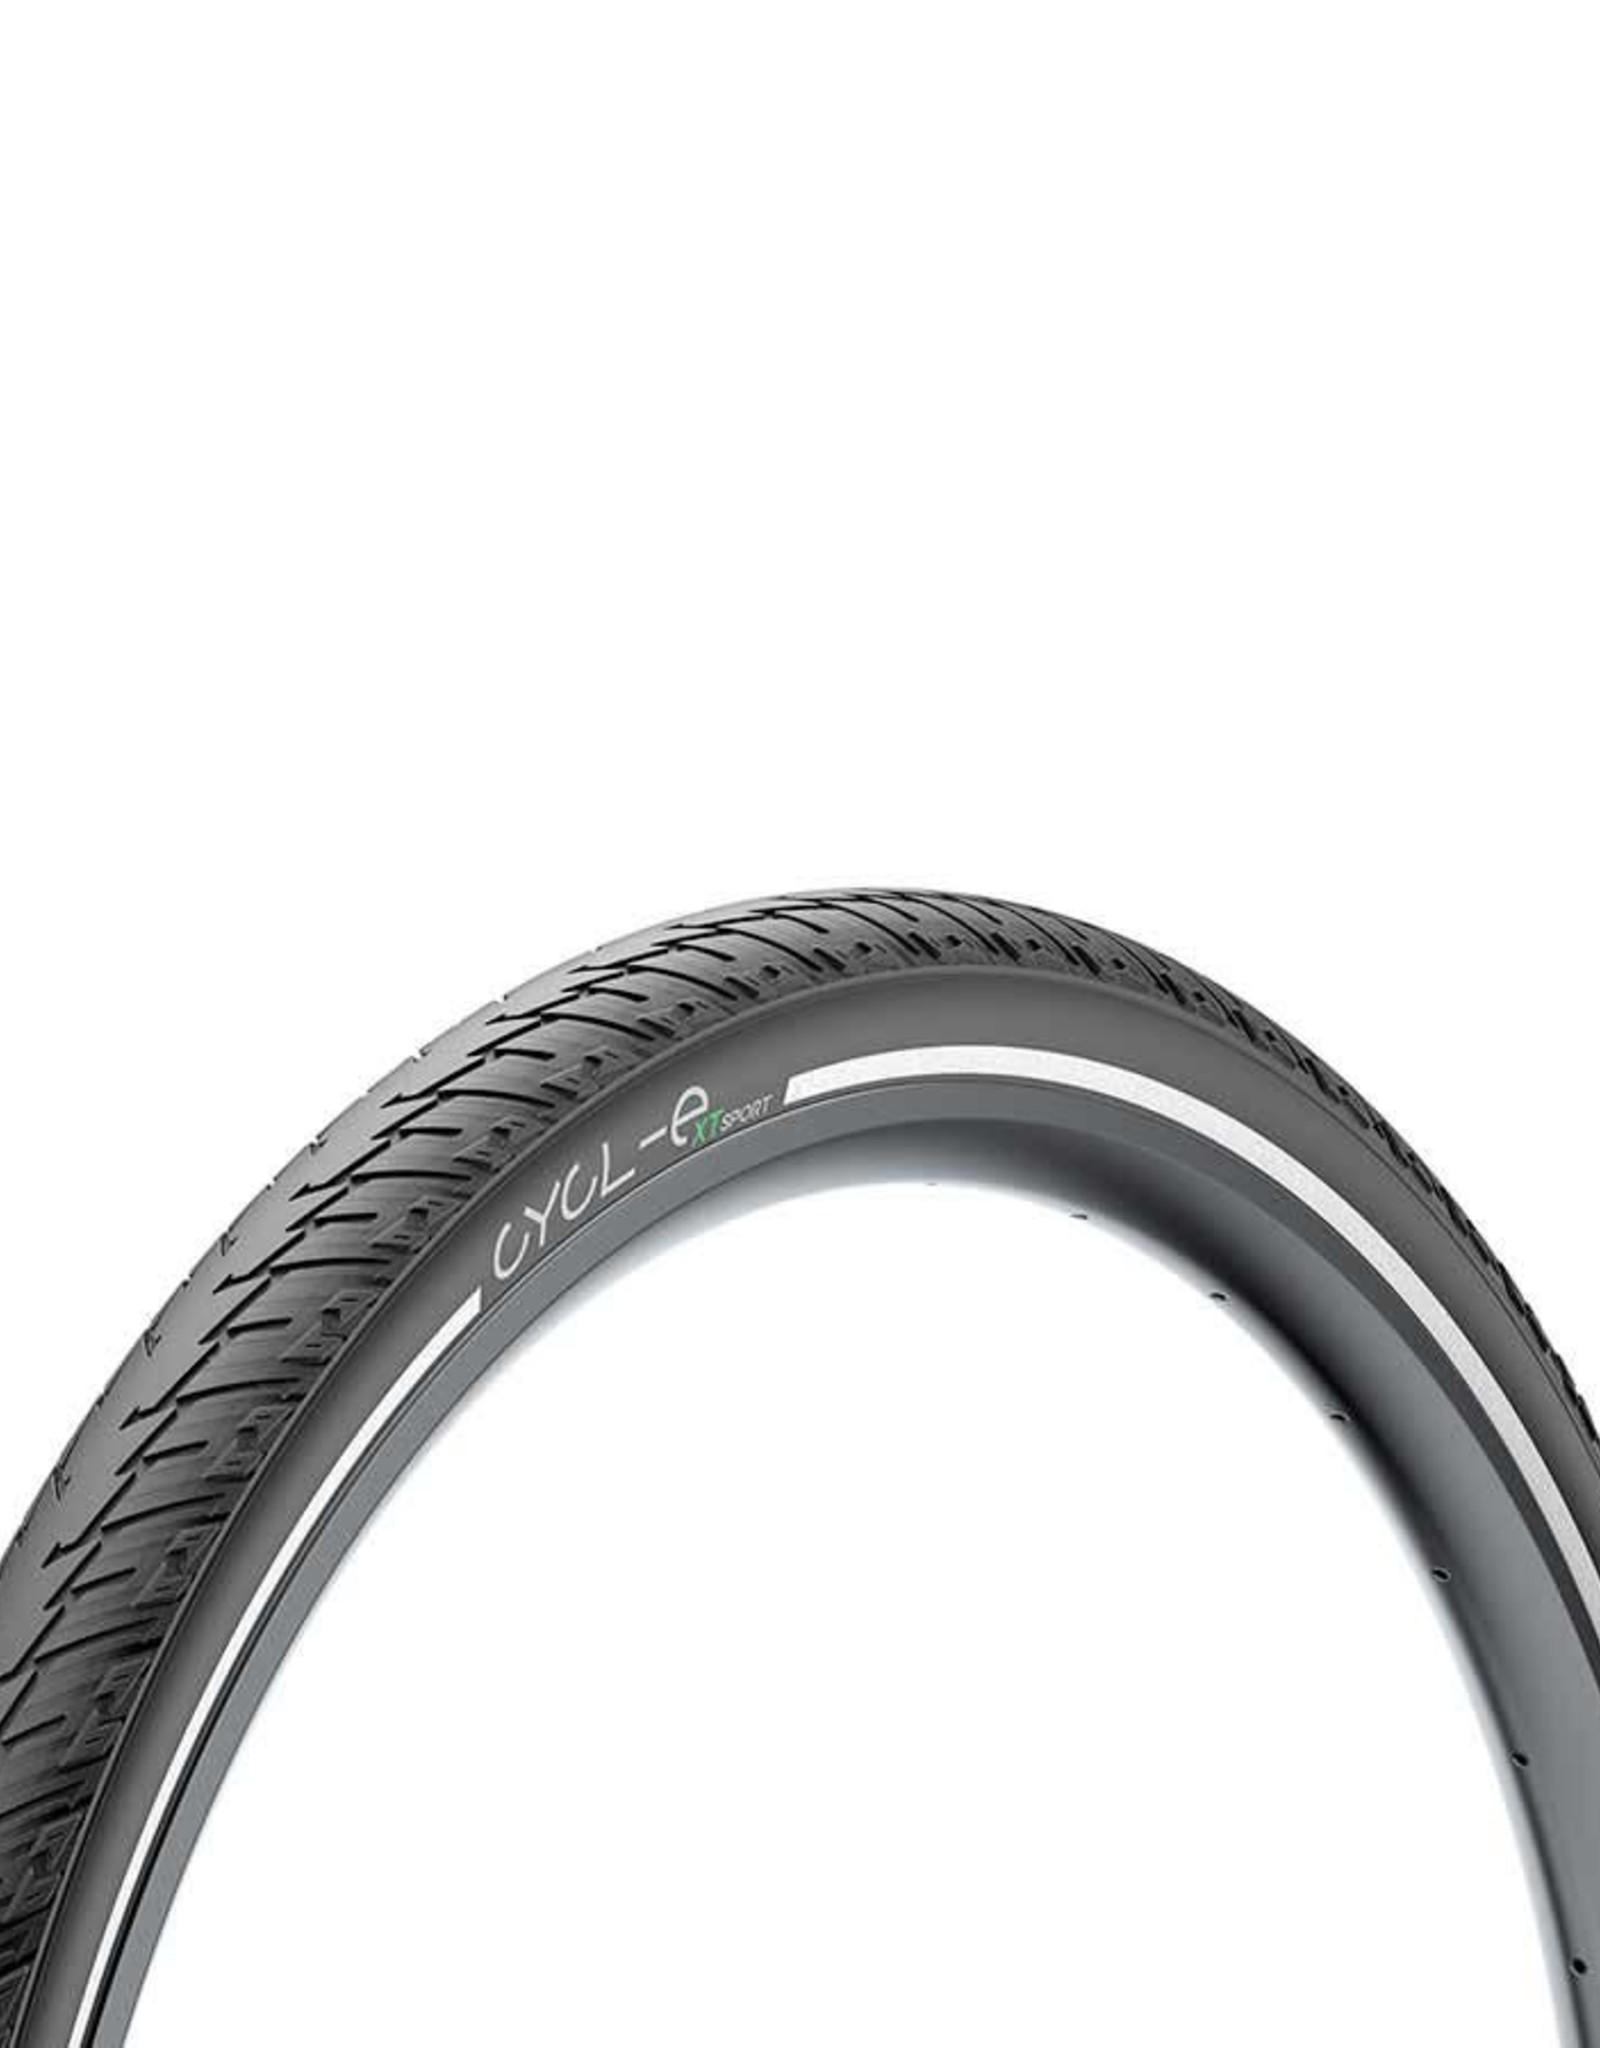 pirelli Pirelli, Cycl-e XTs, Tire, 700x42C, Wire, Clincher, Black